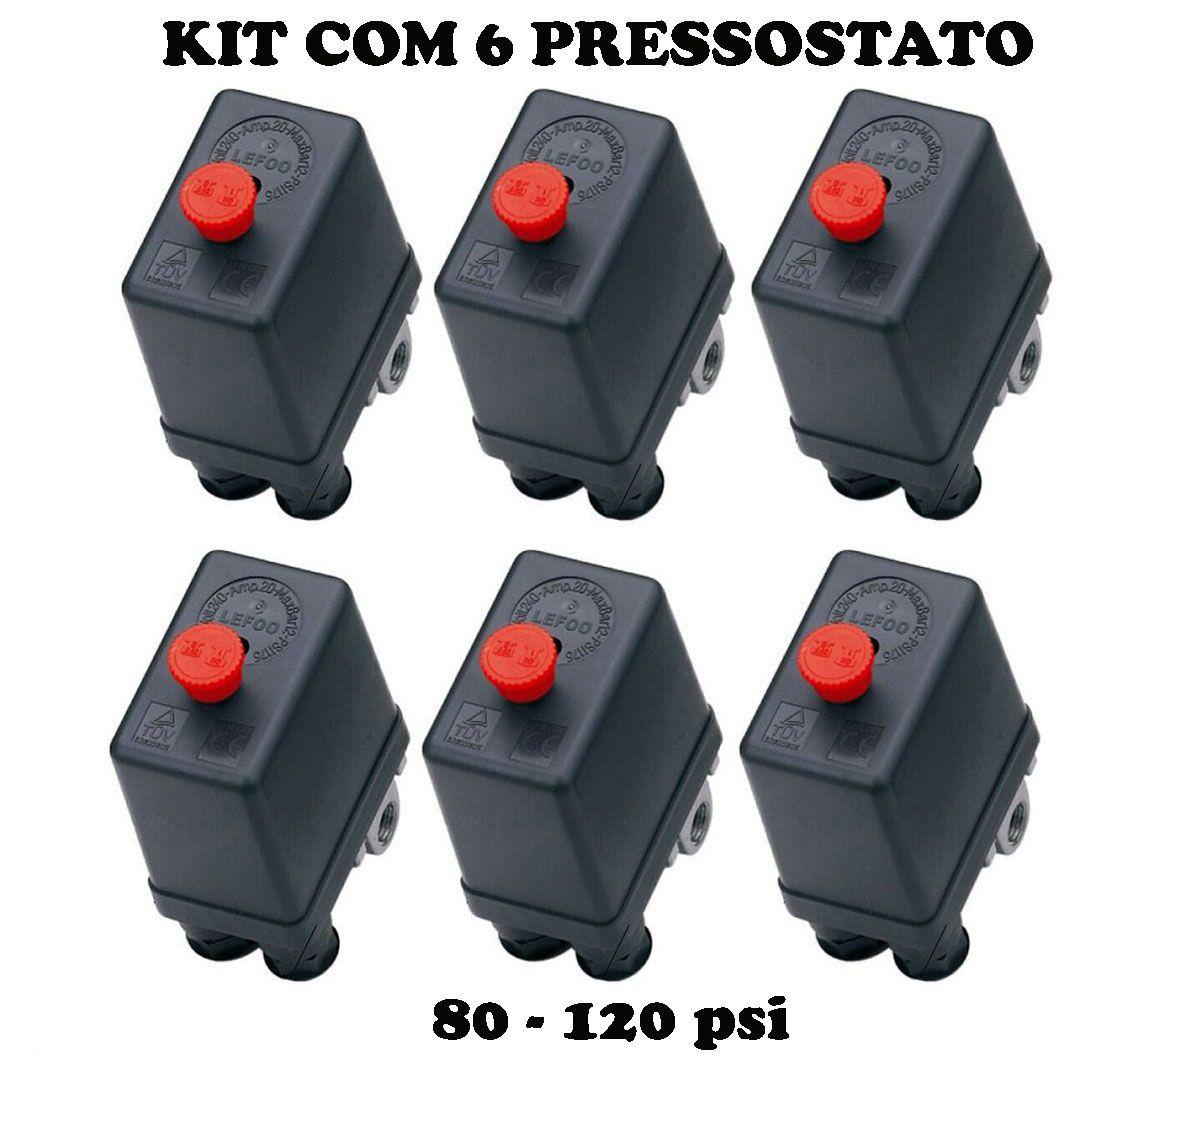 Kit 6 Pressostato Compressor Automático Botão 80-120 4 Vias